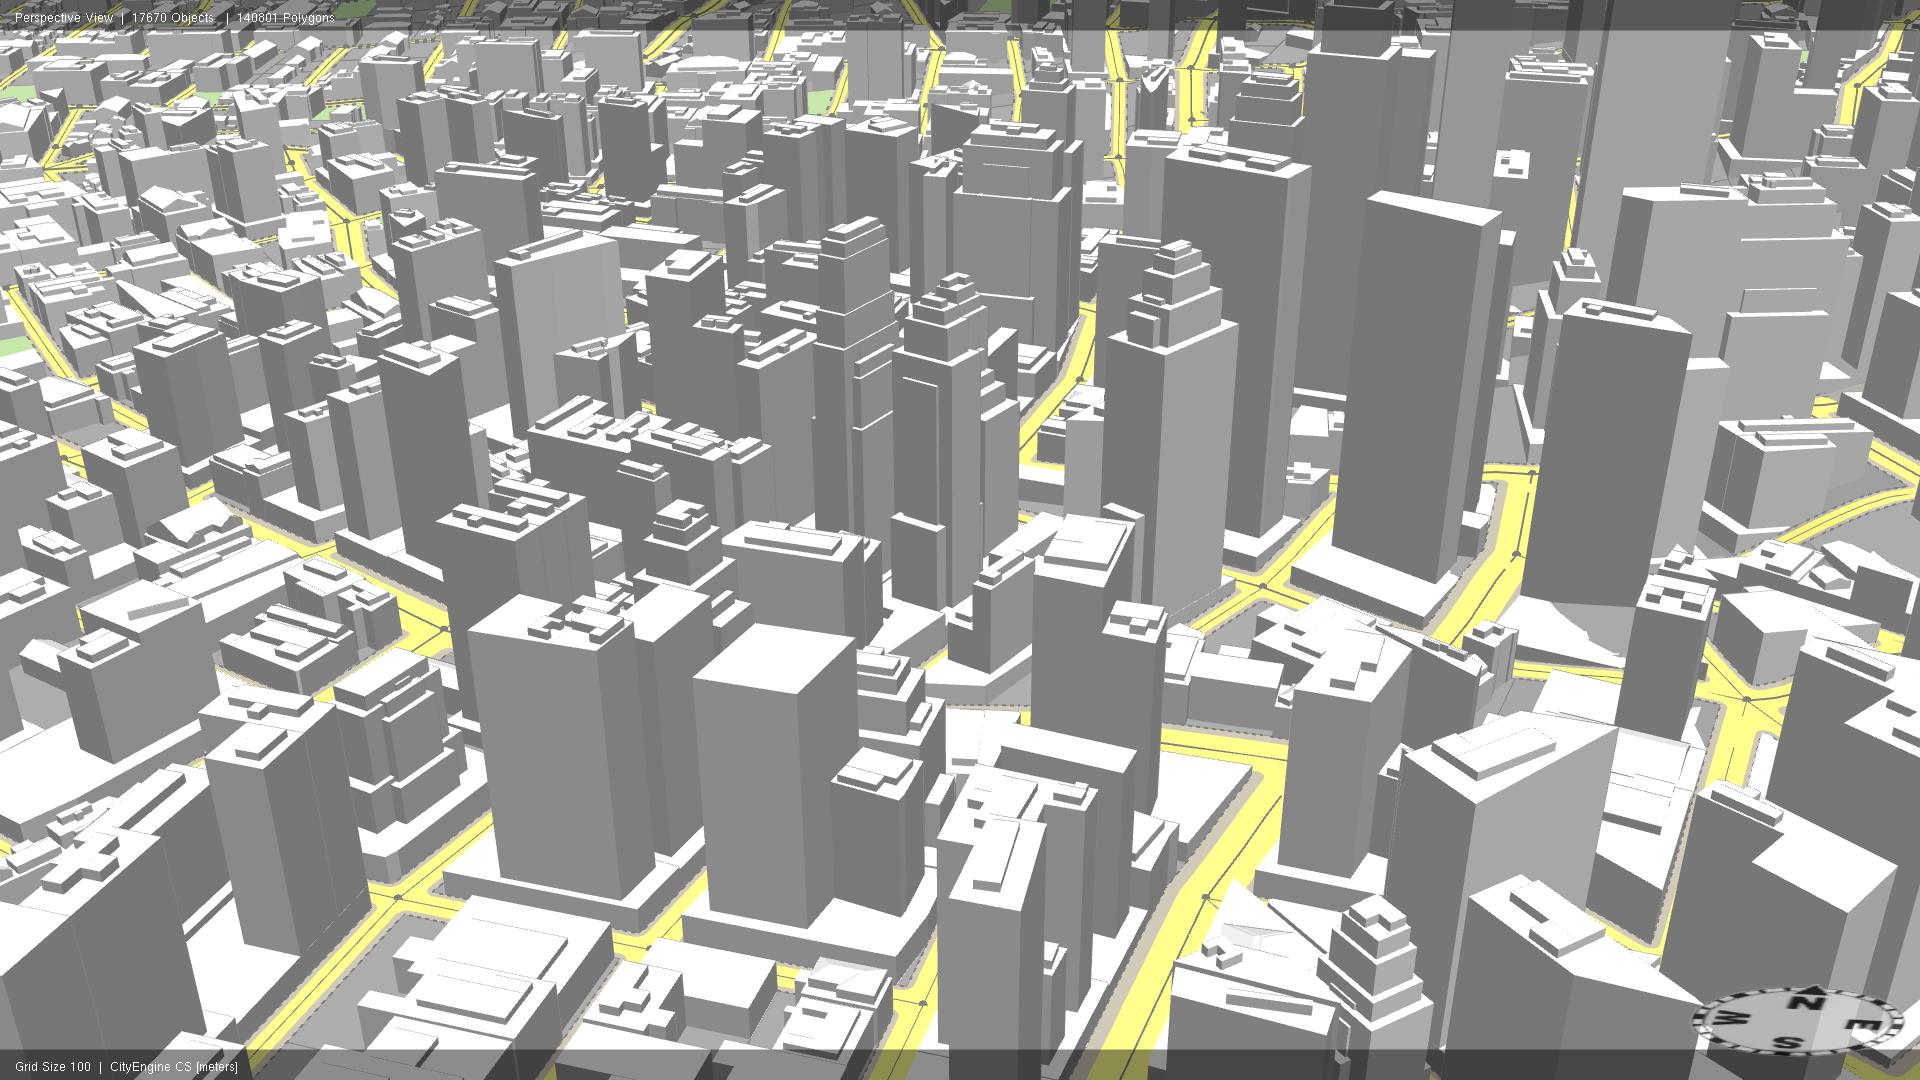 Rys. 3. Obraz miasta utworzony przez sieć drogową i bryły budynków.